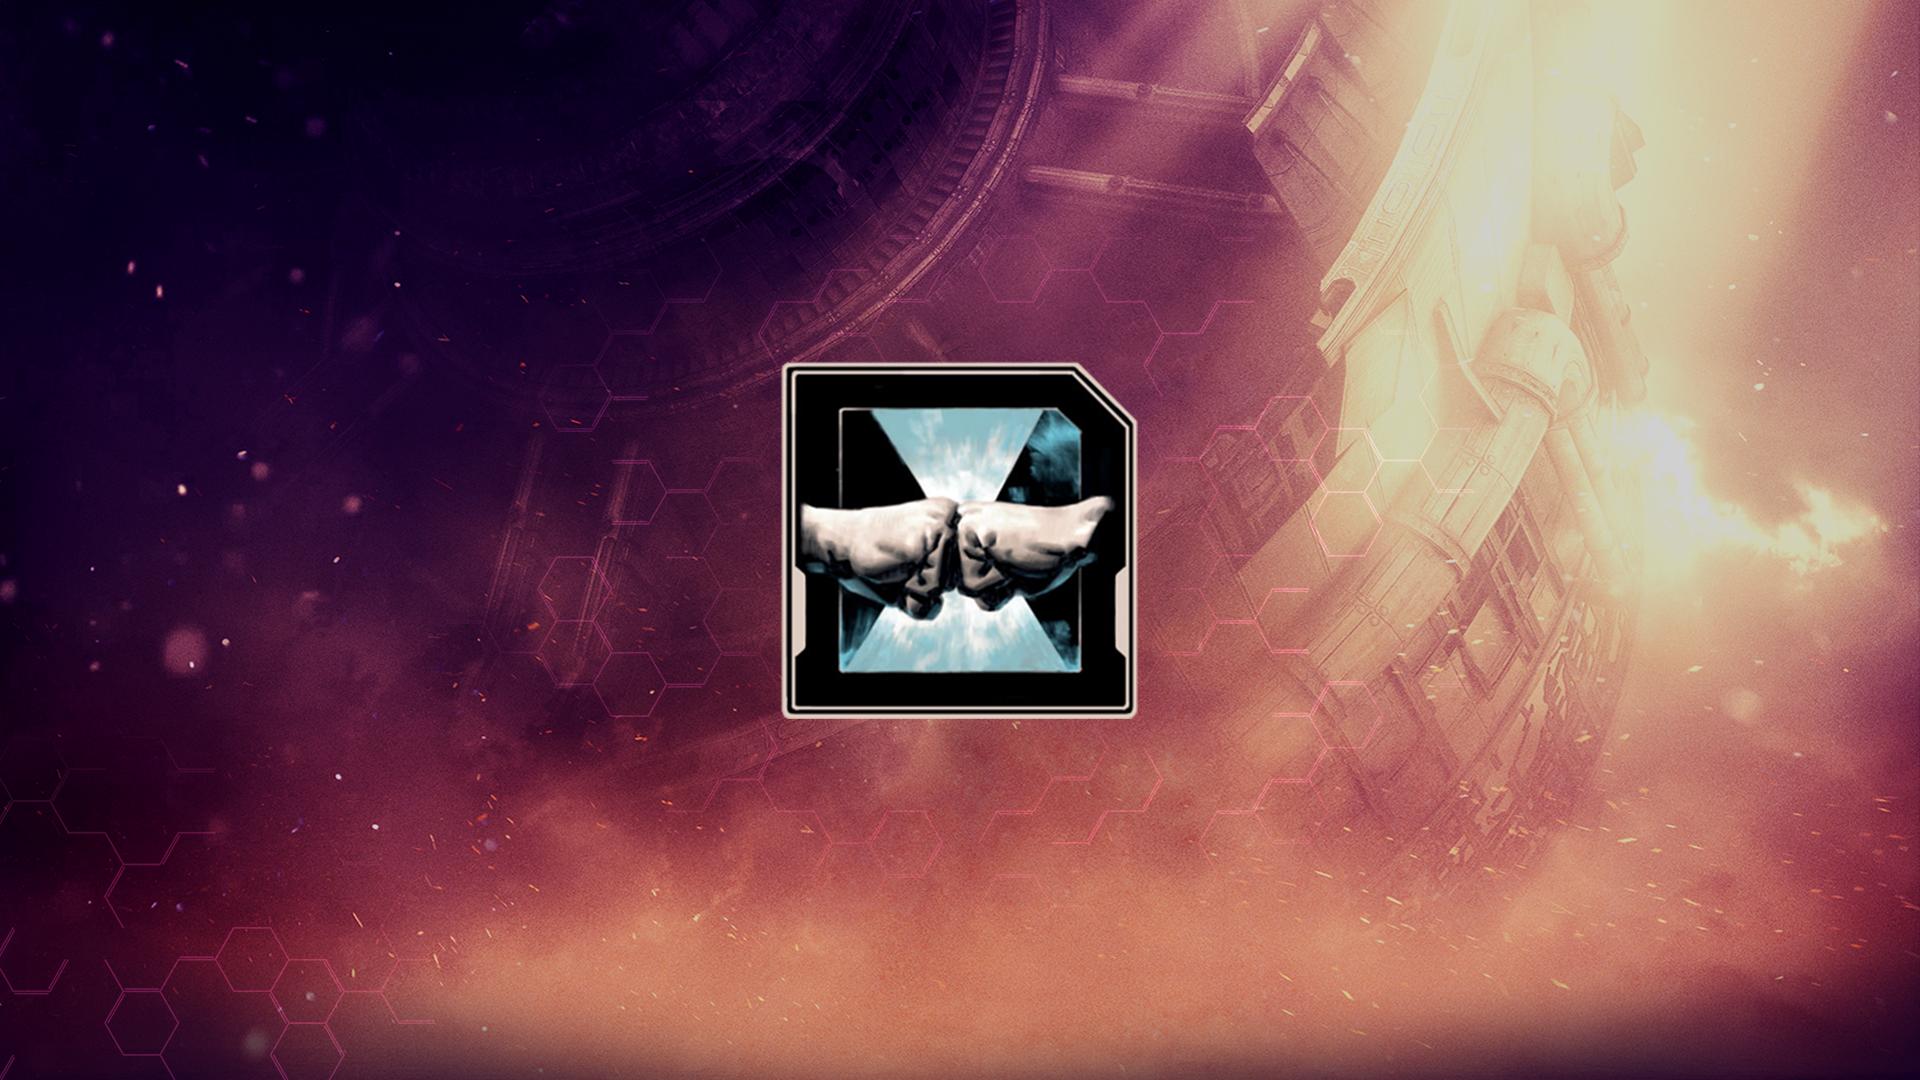 Icon for Fistbump